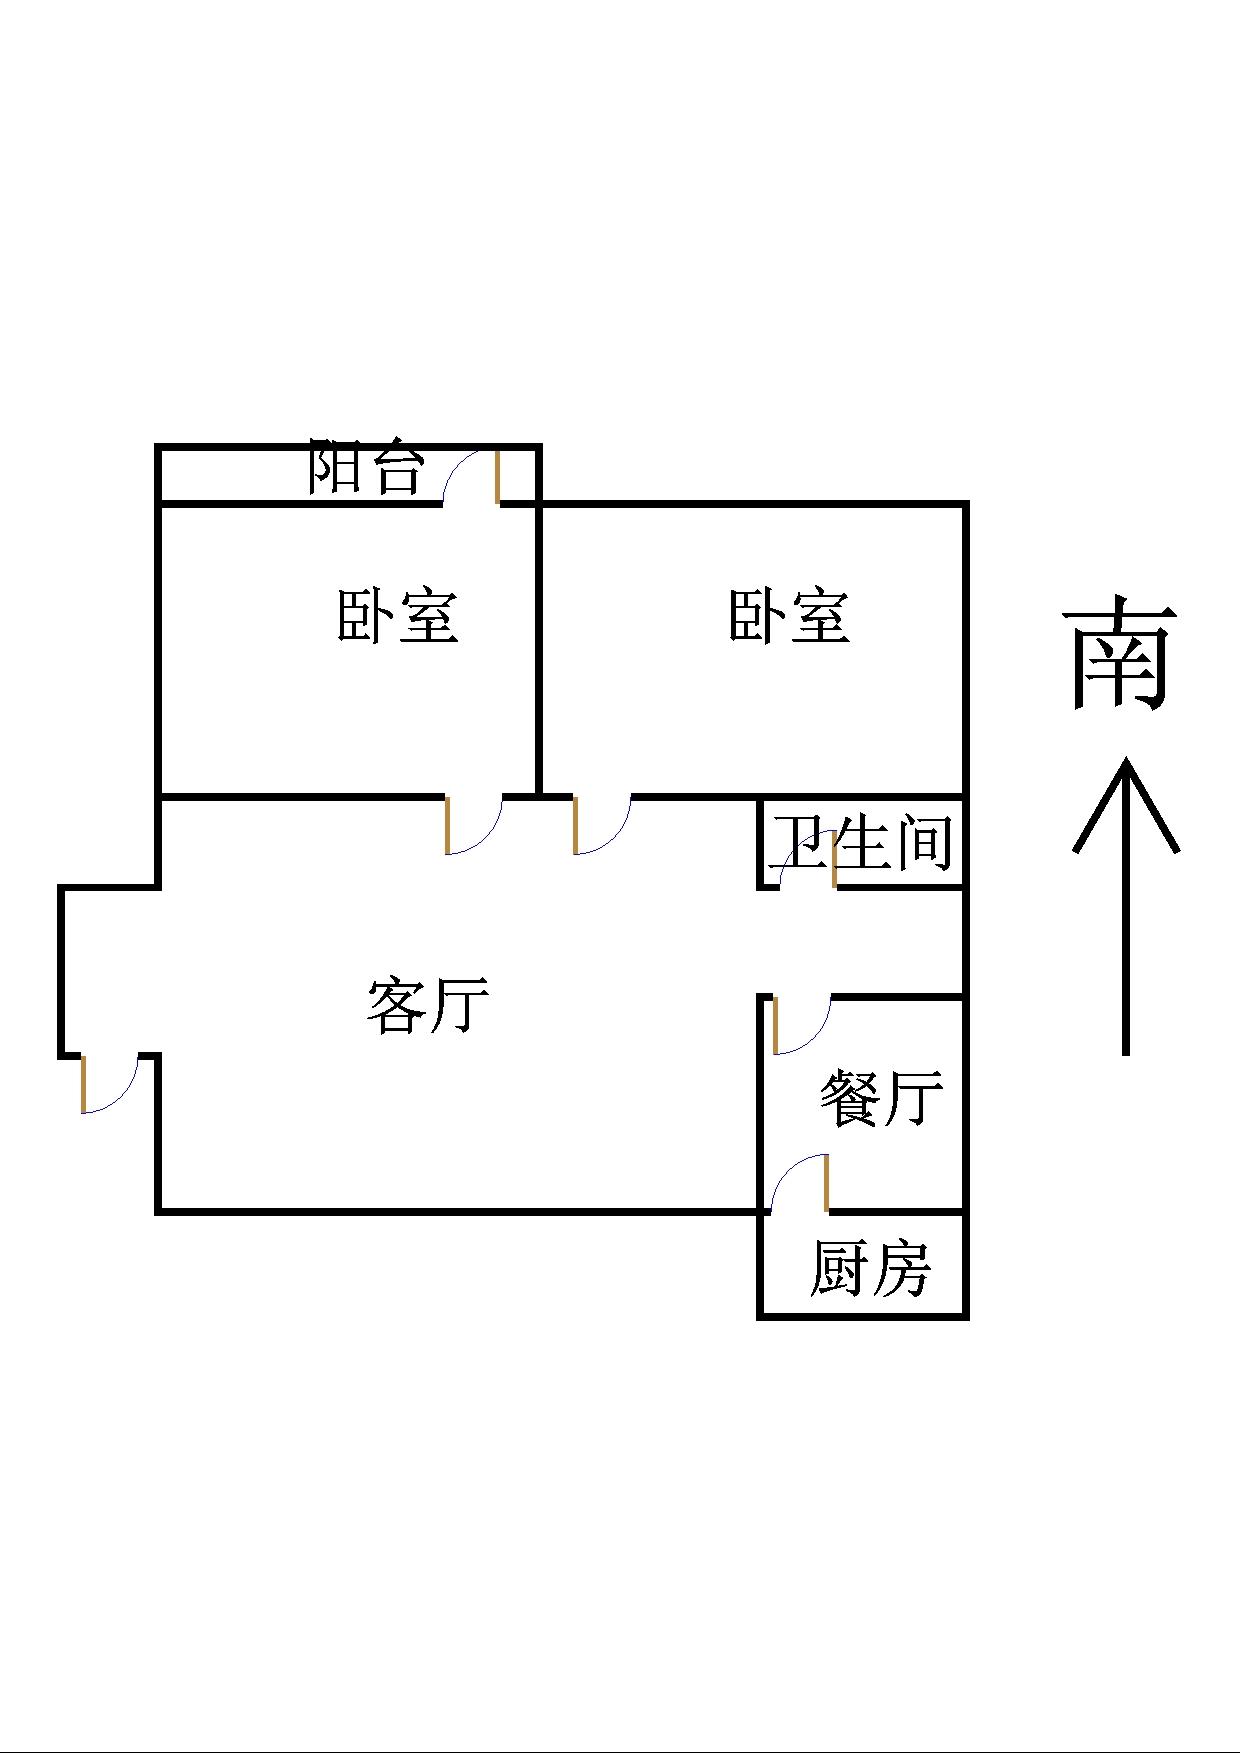 跃华中学宿舍 2室2厅 过五年 简装 53万